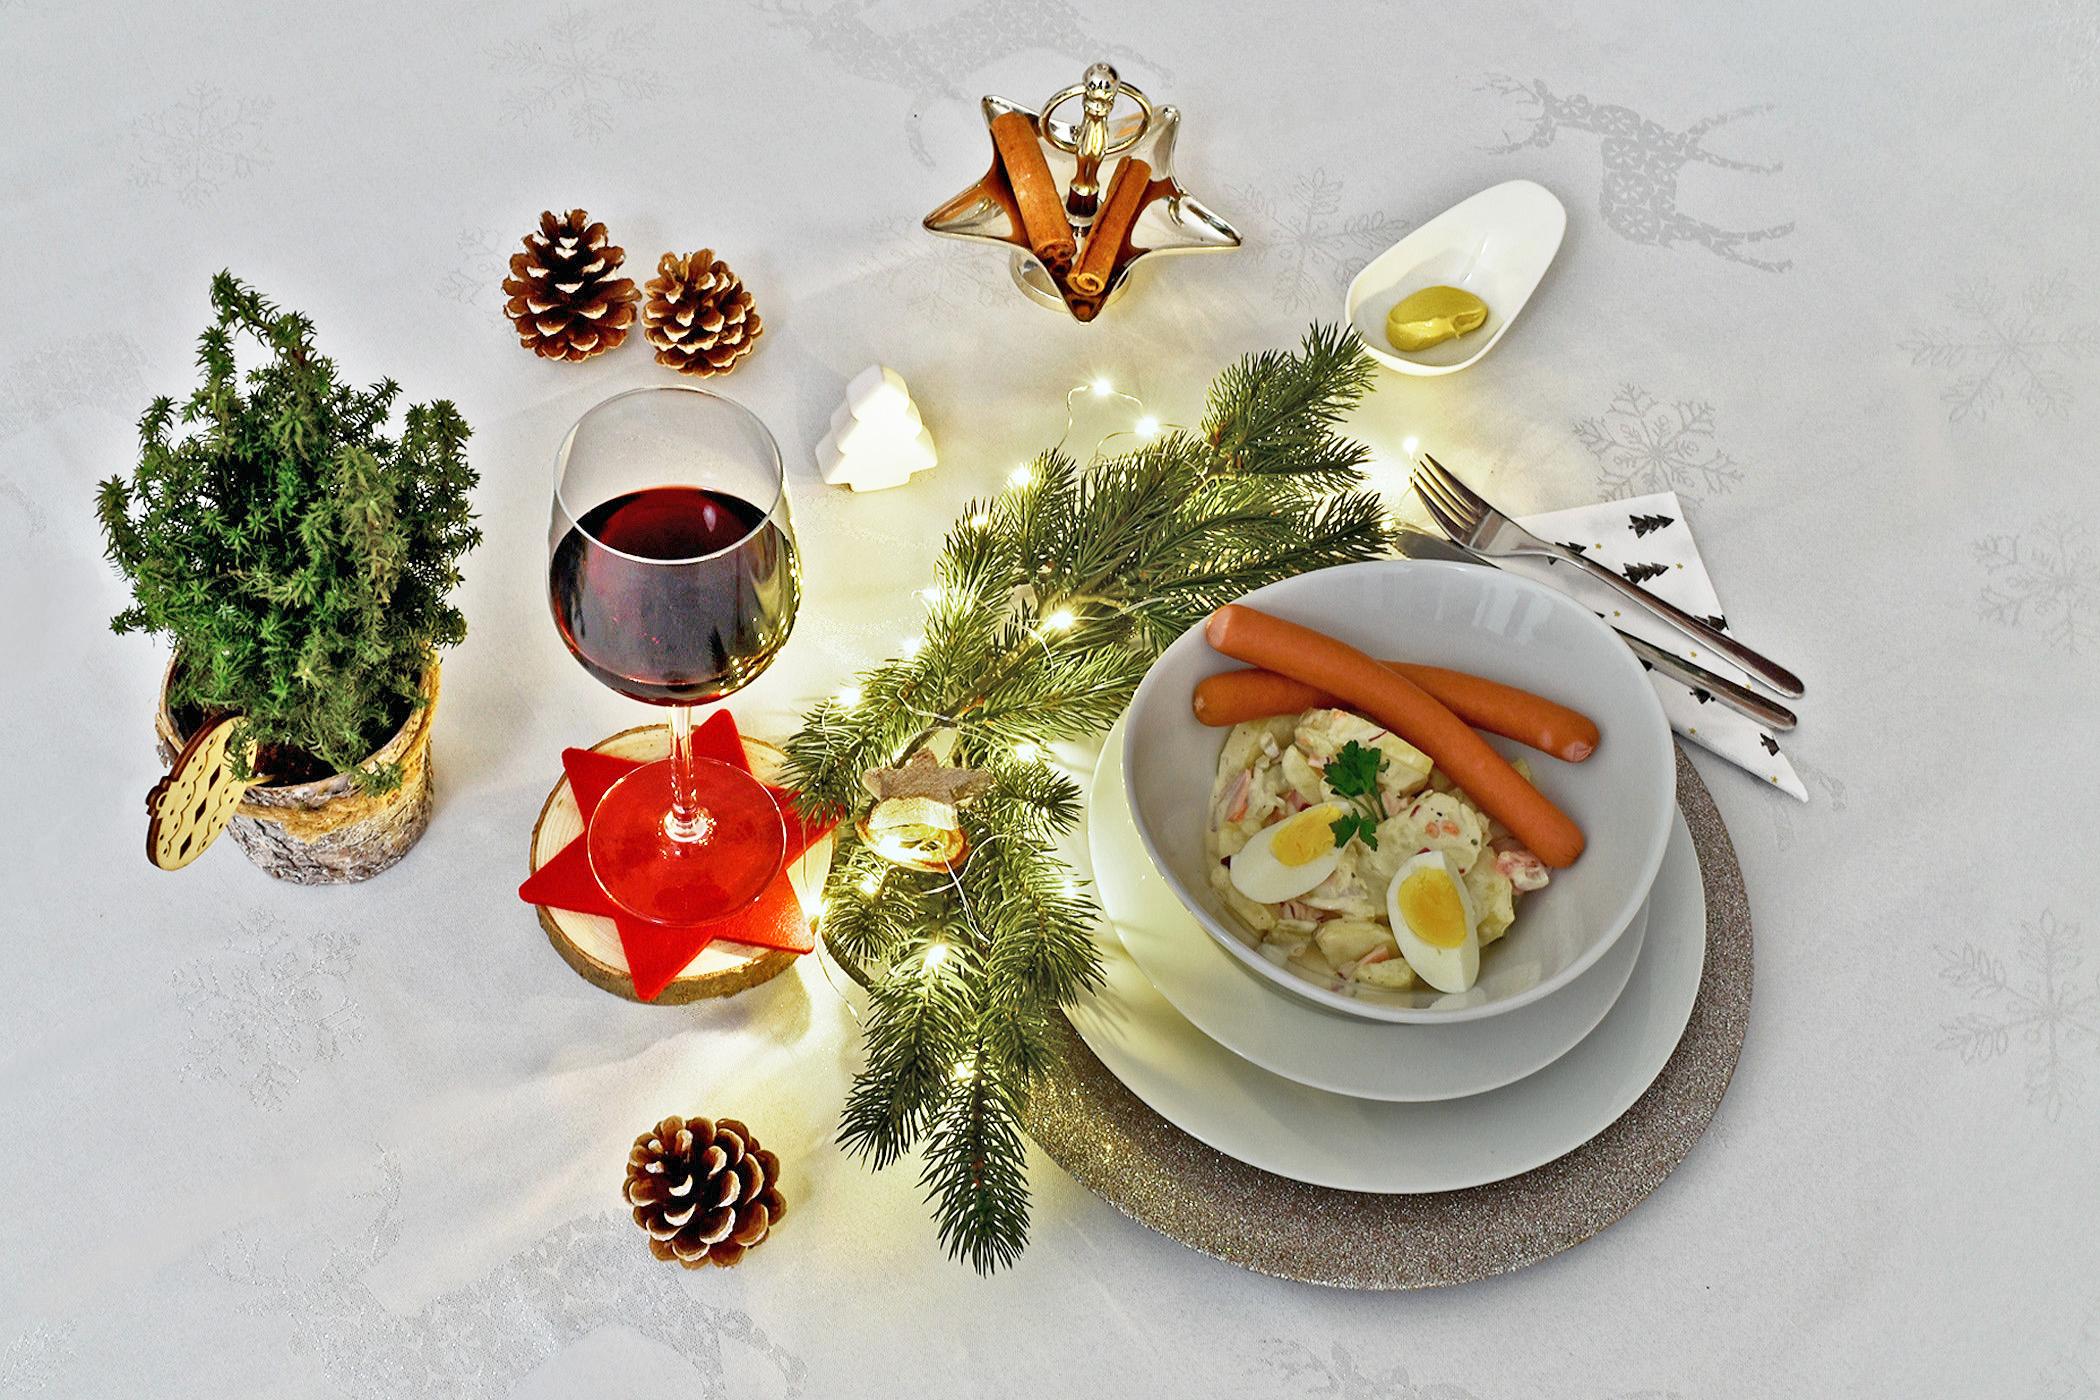 Alternatives Weihnachtsessen.Supermarkt Preisvergleich Lokal Vs Online Deutsche Müssen Für